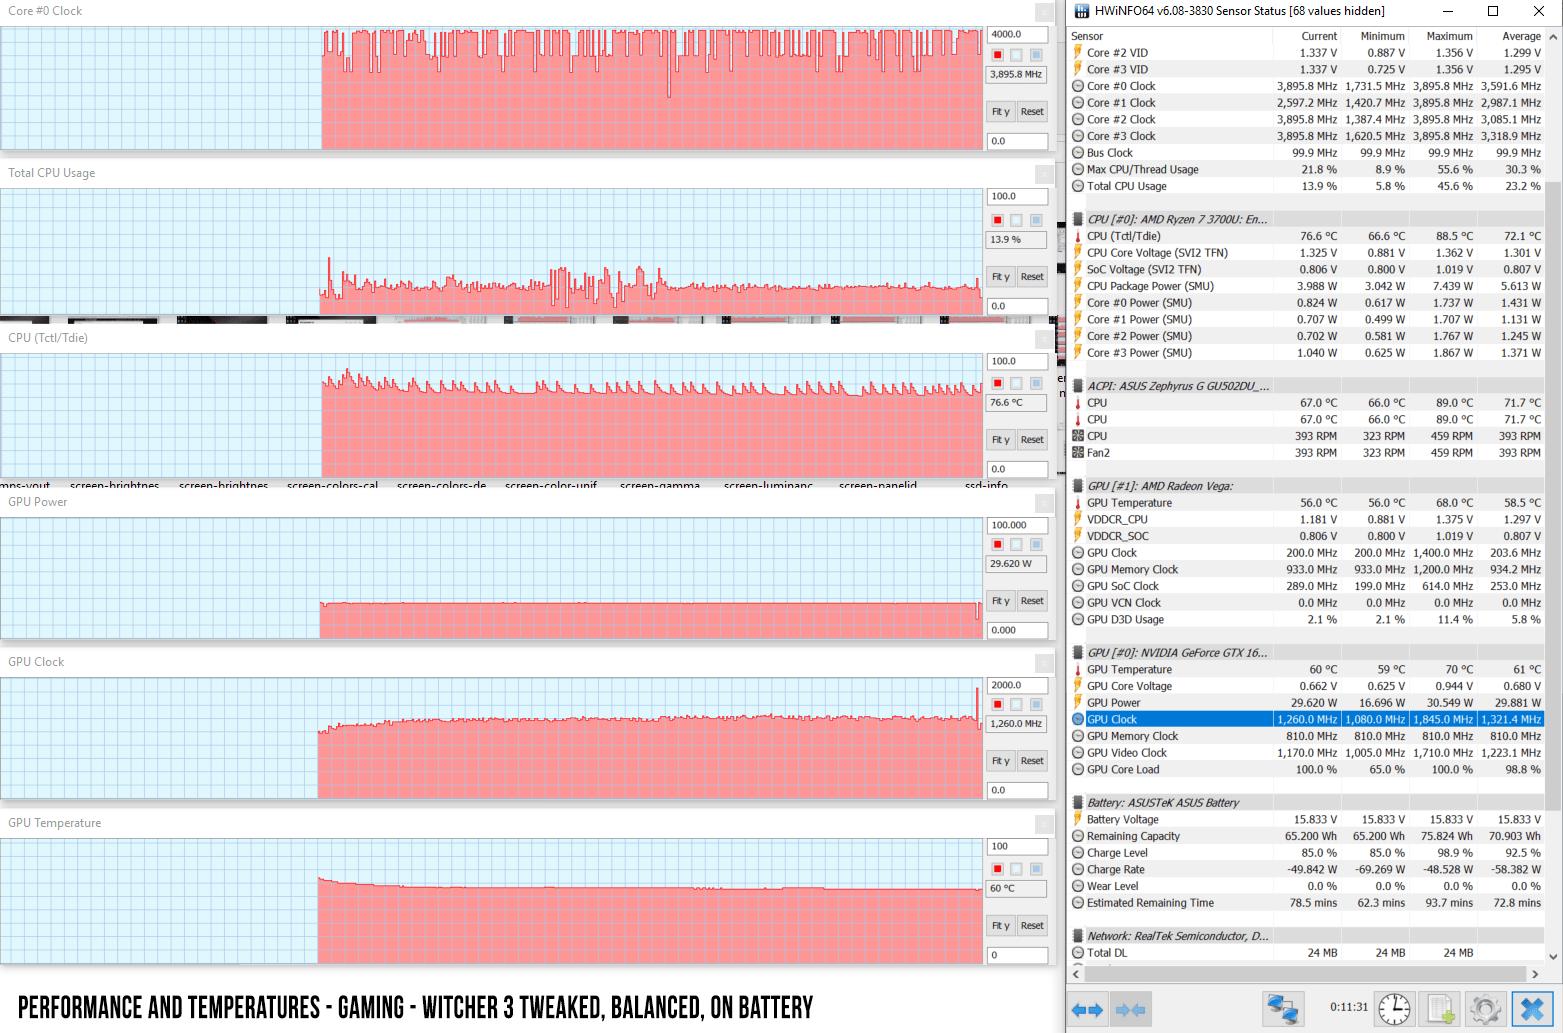 Asus ROG Zephyrus G GA502GU review (AMD R7 3750H, Nvidia GTX